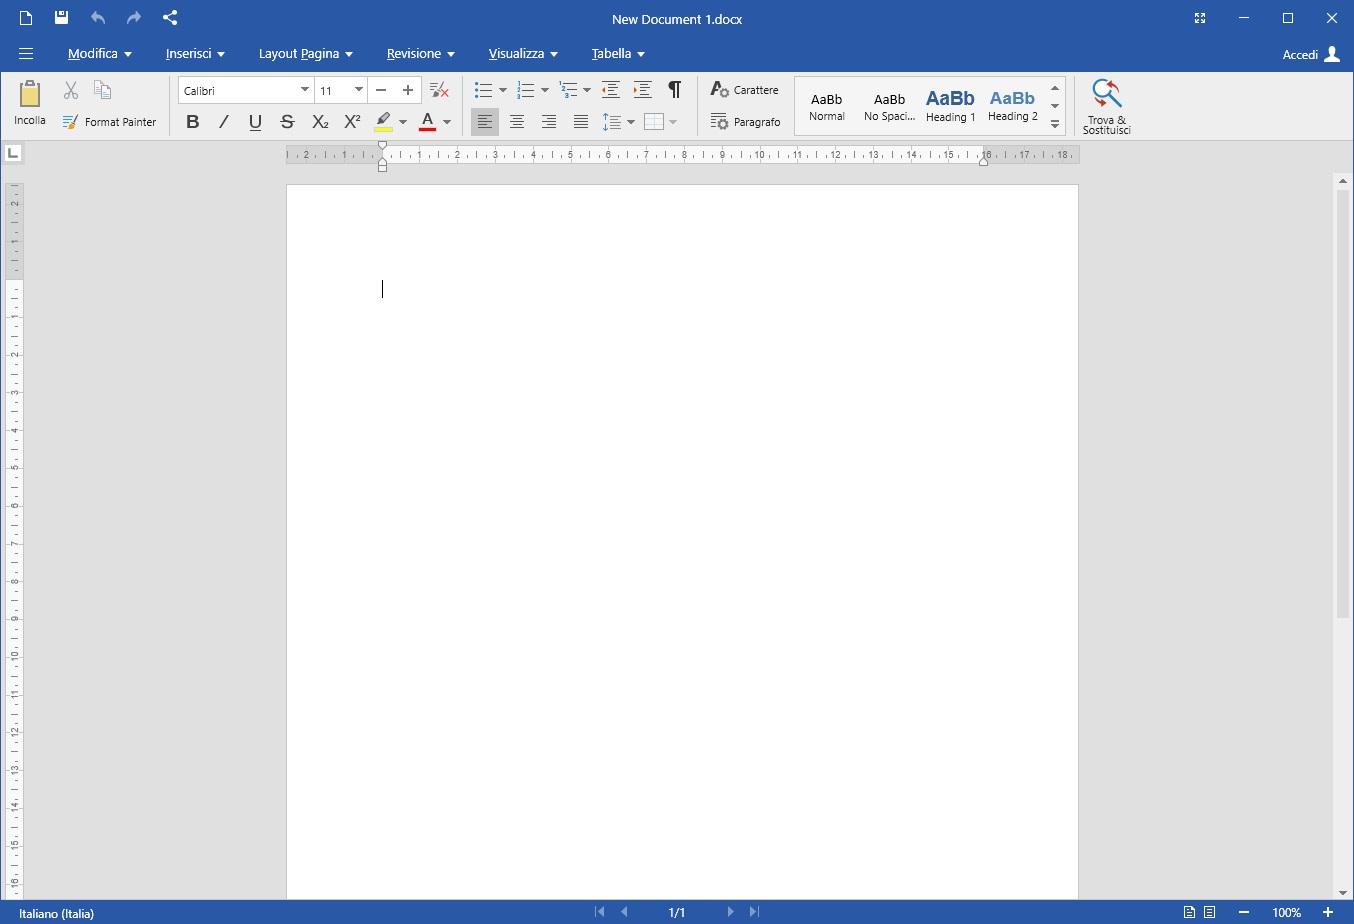 OfficeSuite Premium Edition v2.70.16459.0 - Ita